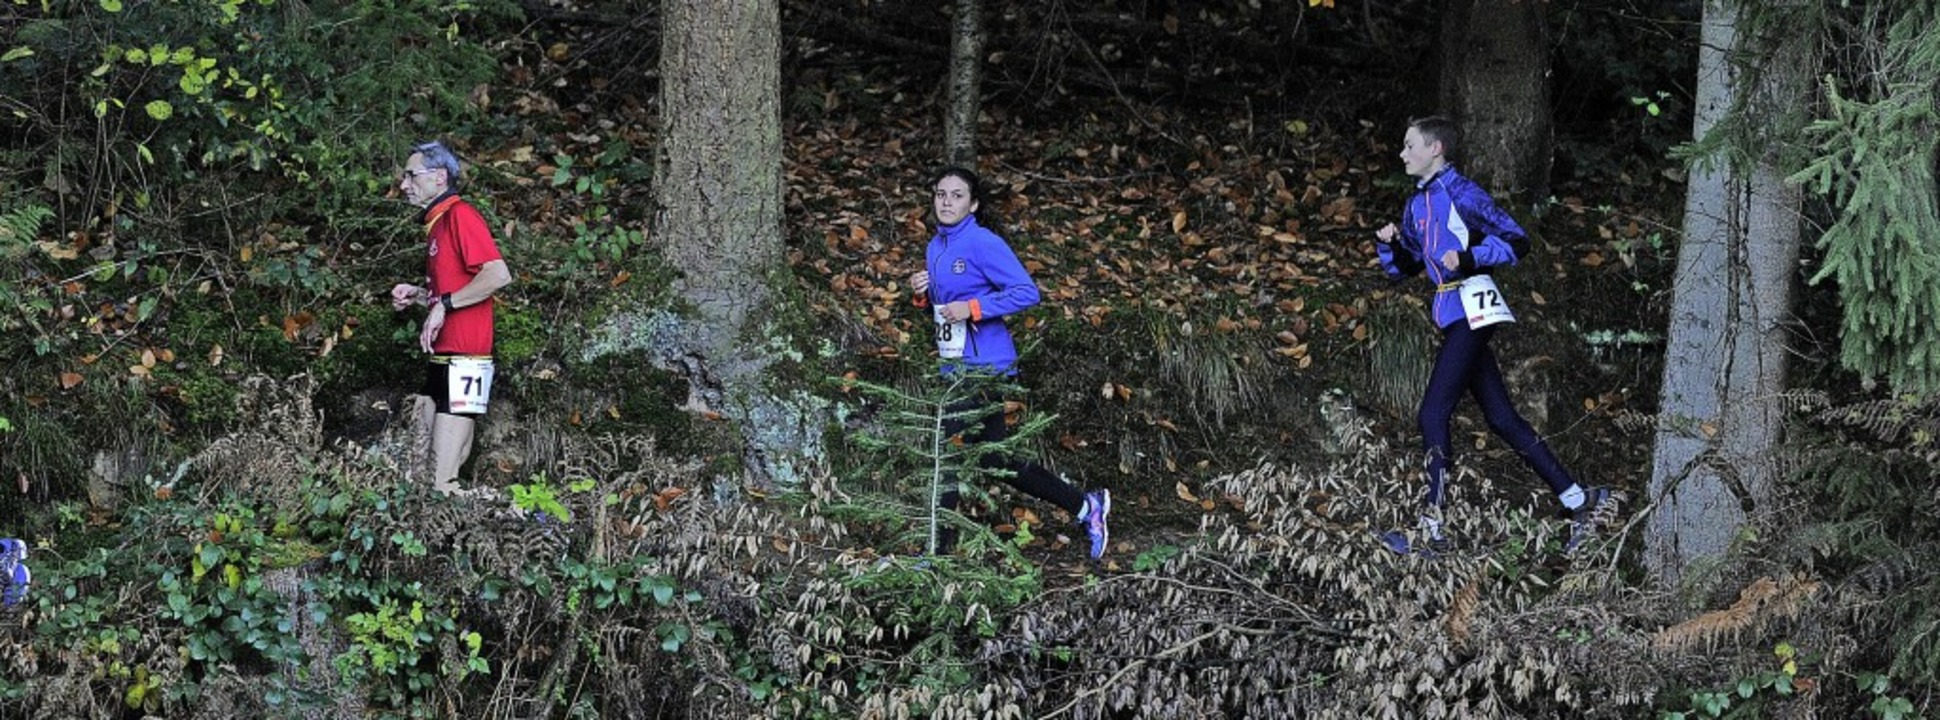 Abwechslungsreich und anspruchsvoll ist die Strecke beim Nikolauslauf.   | Foto: Pressebüro Schaller